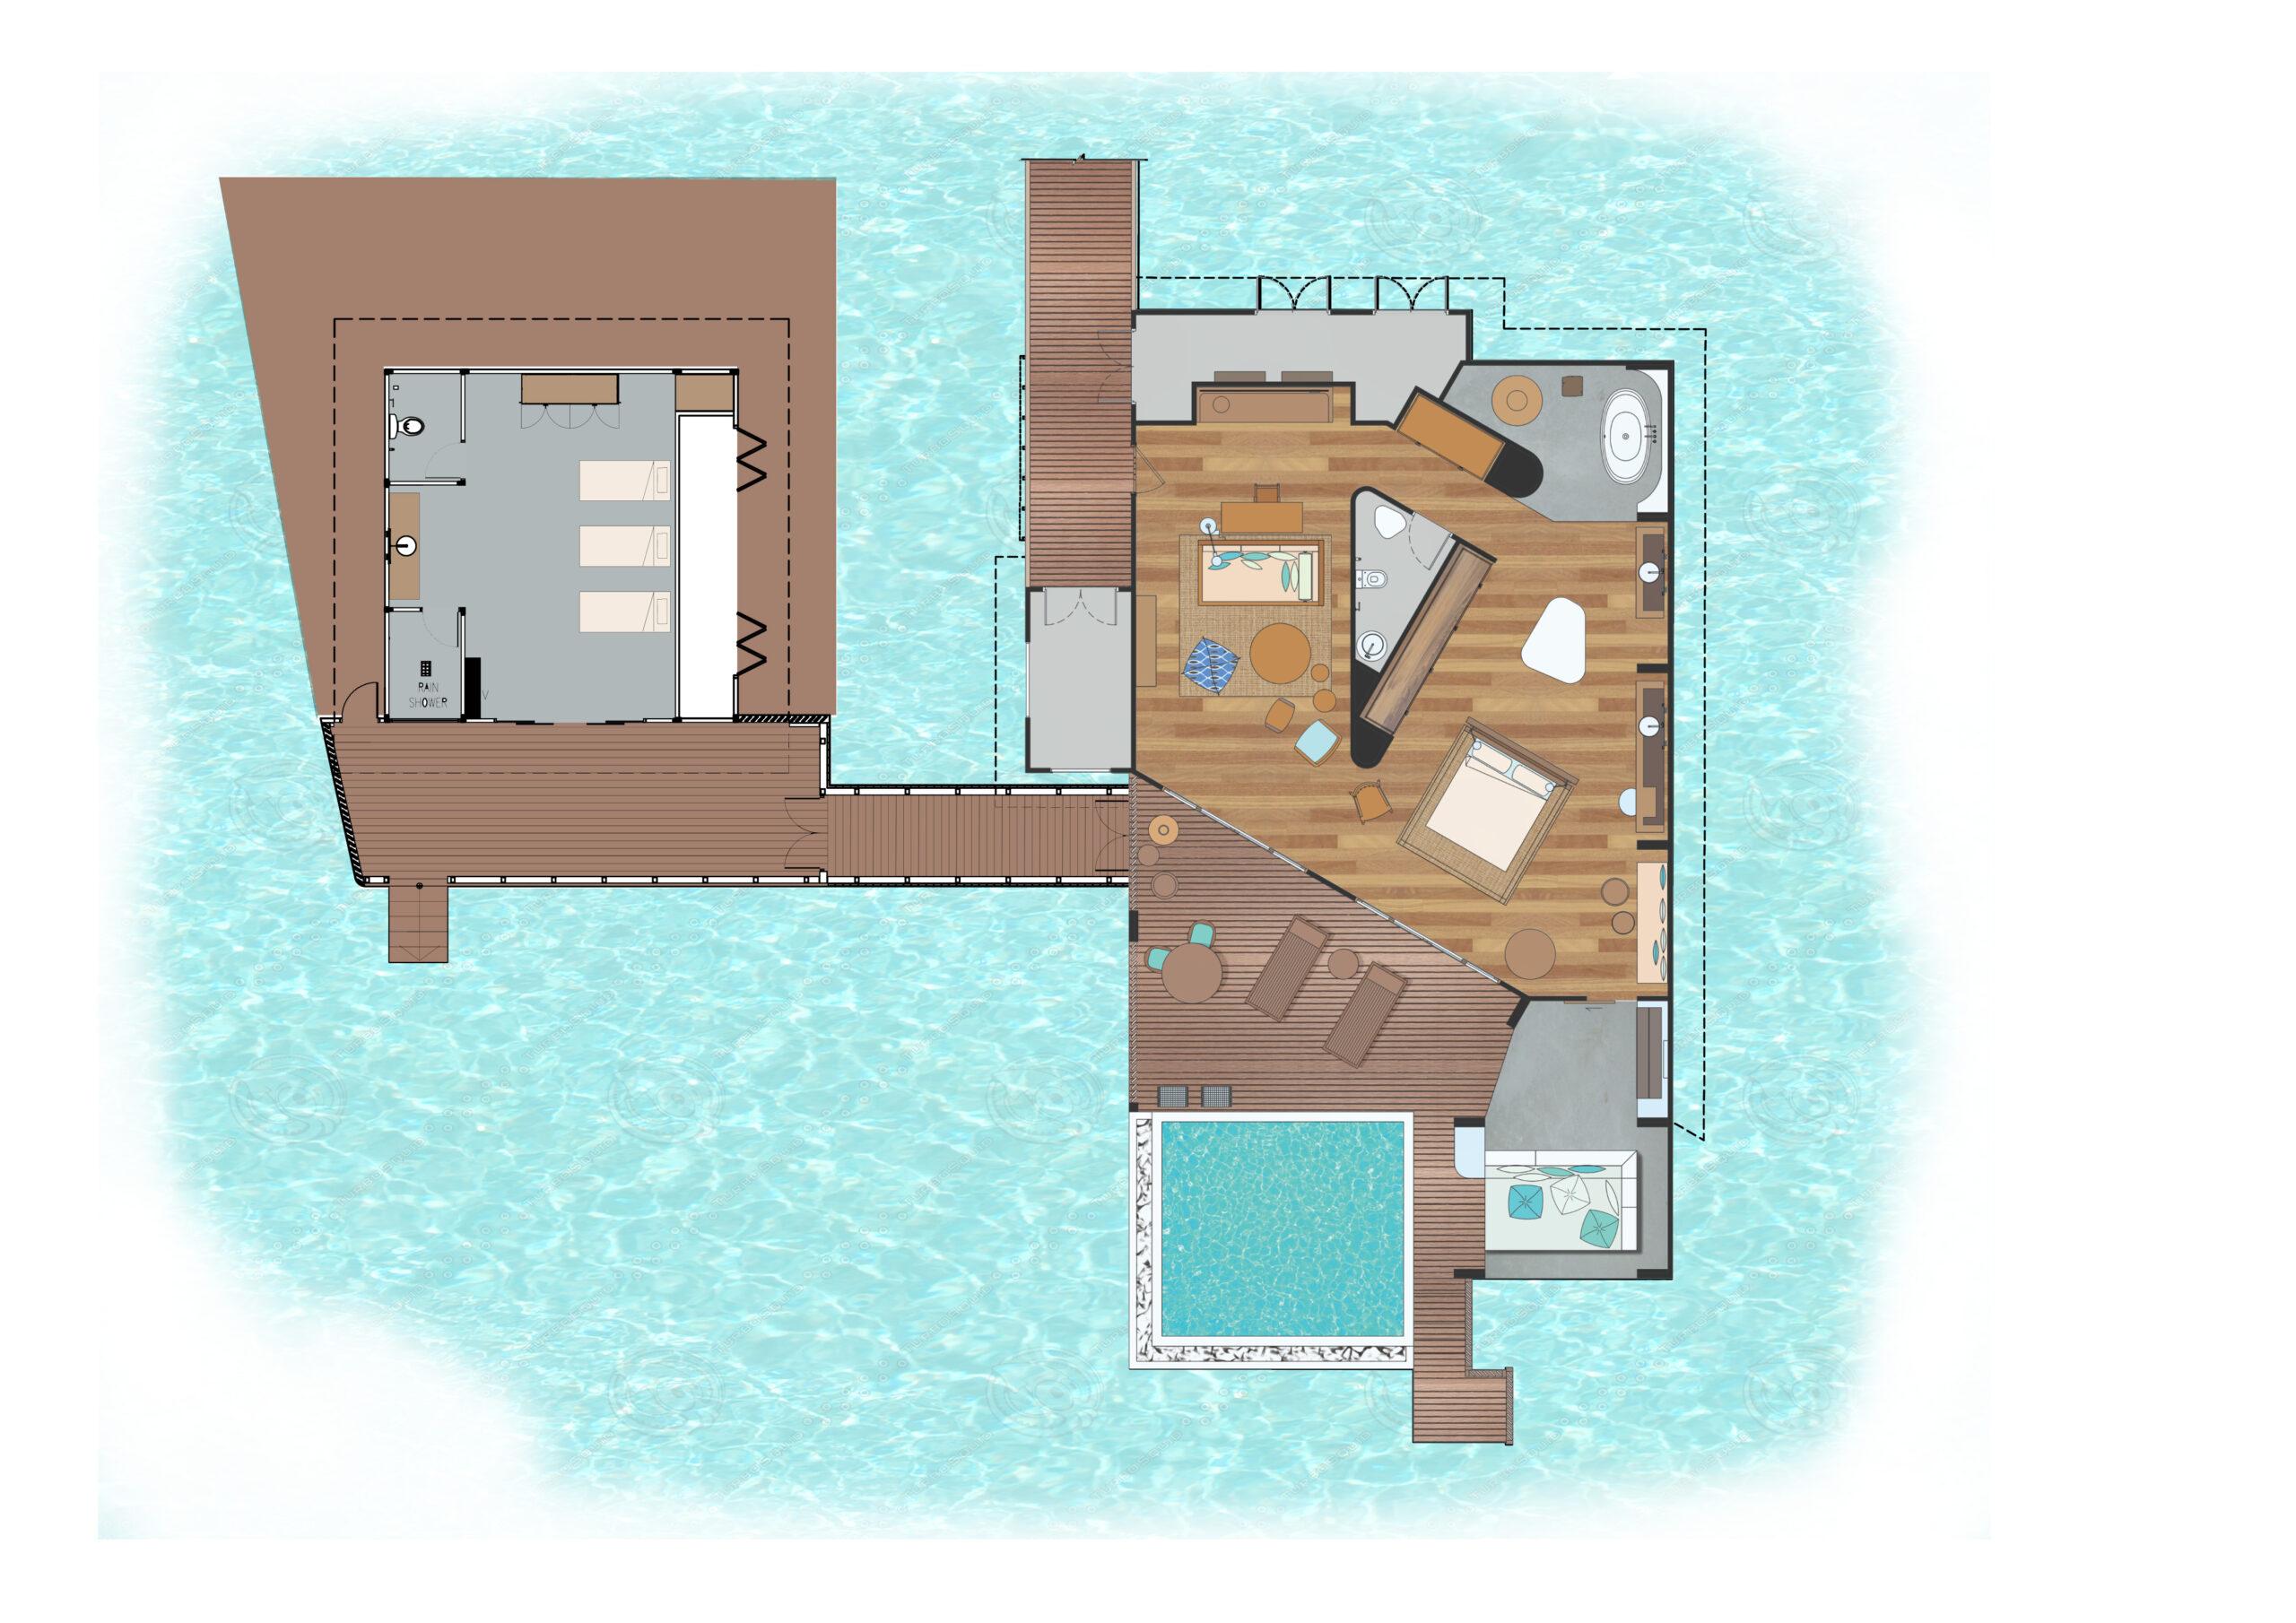 Мальдивы, Отель Amilla Fushi Maldives, план-схема номера 2-Bedroom Lagoon Water Pool Villa